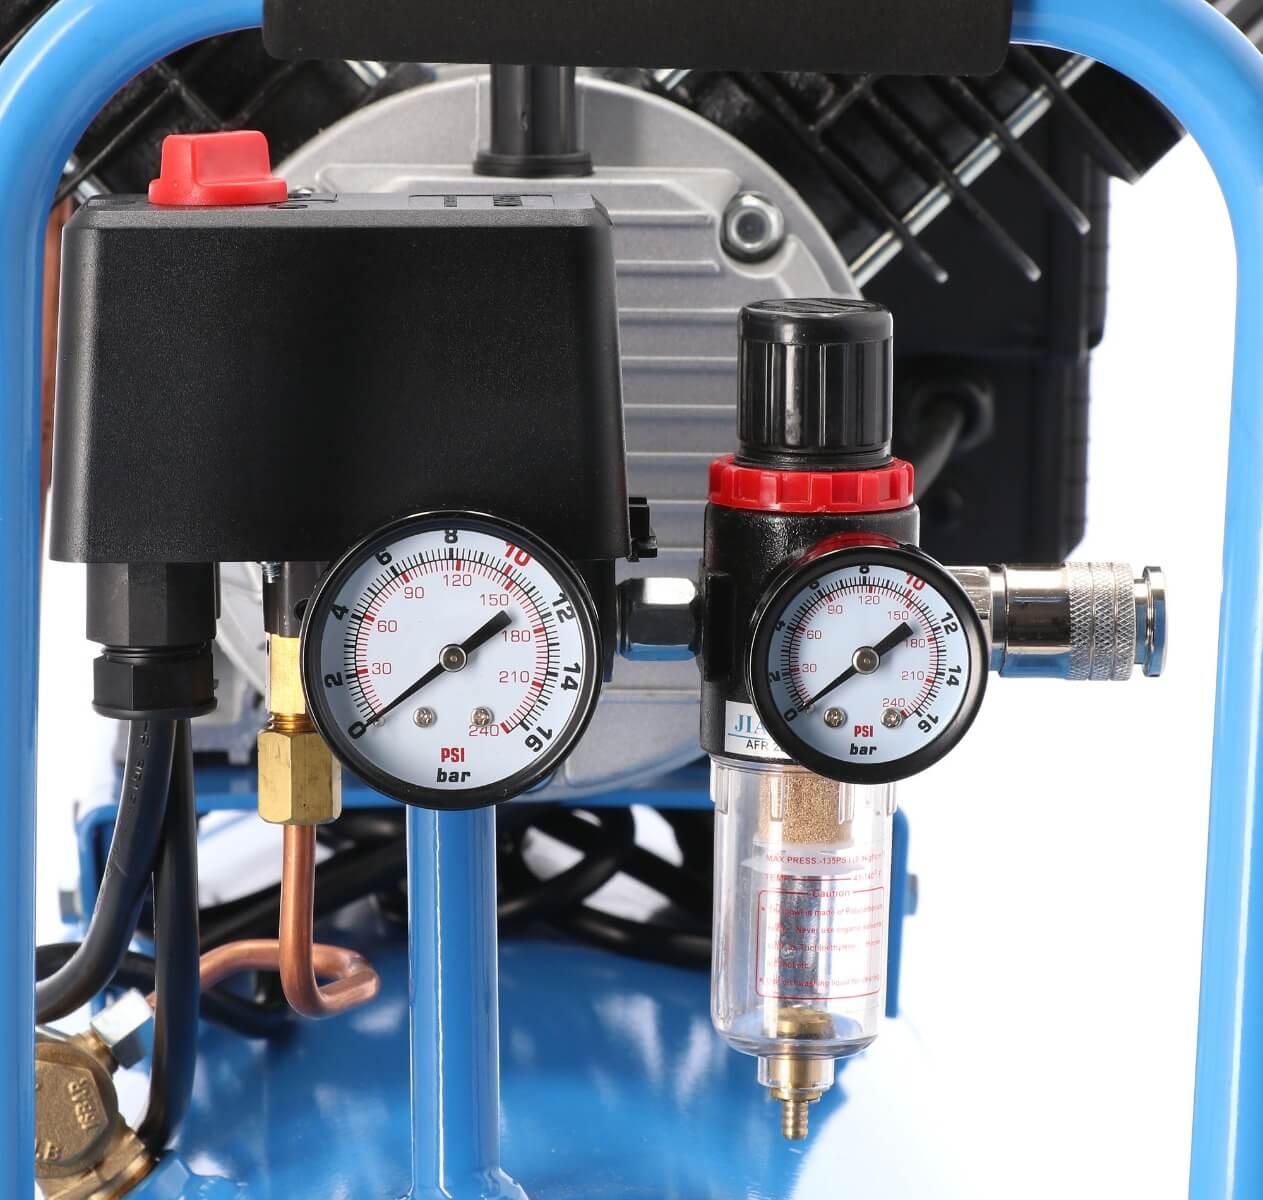 oliewaterafscheider op de LM 50-350